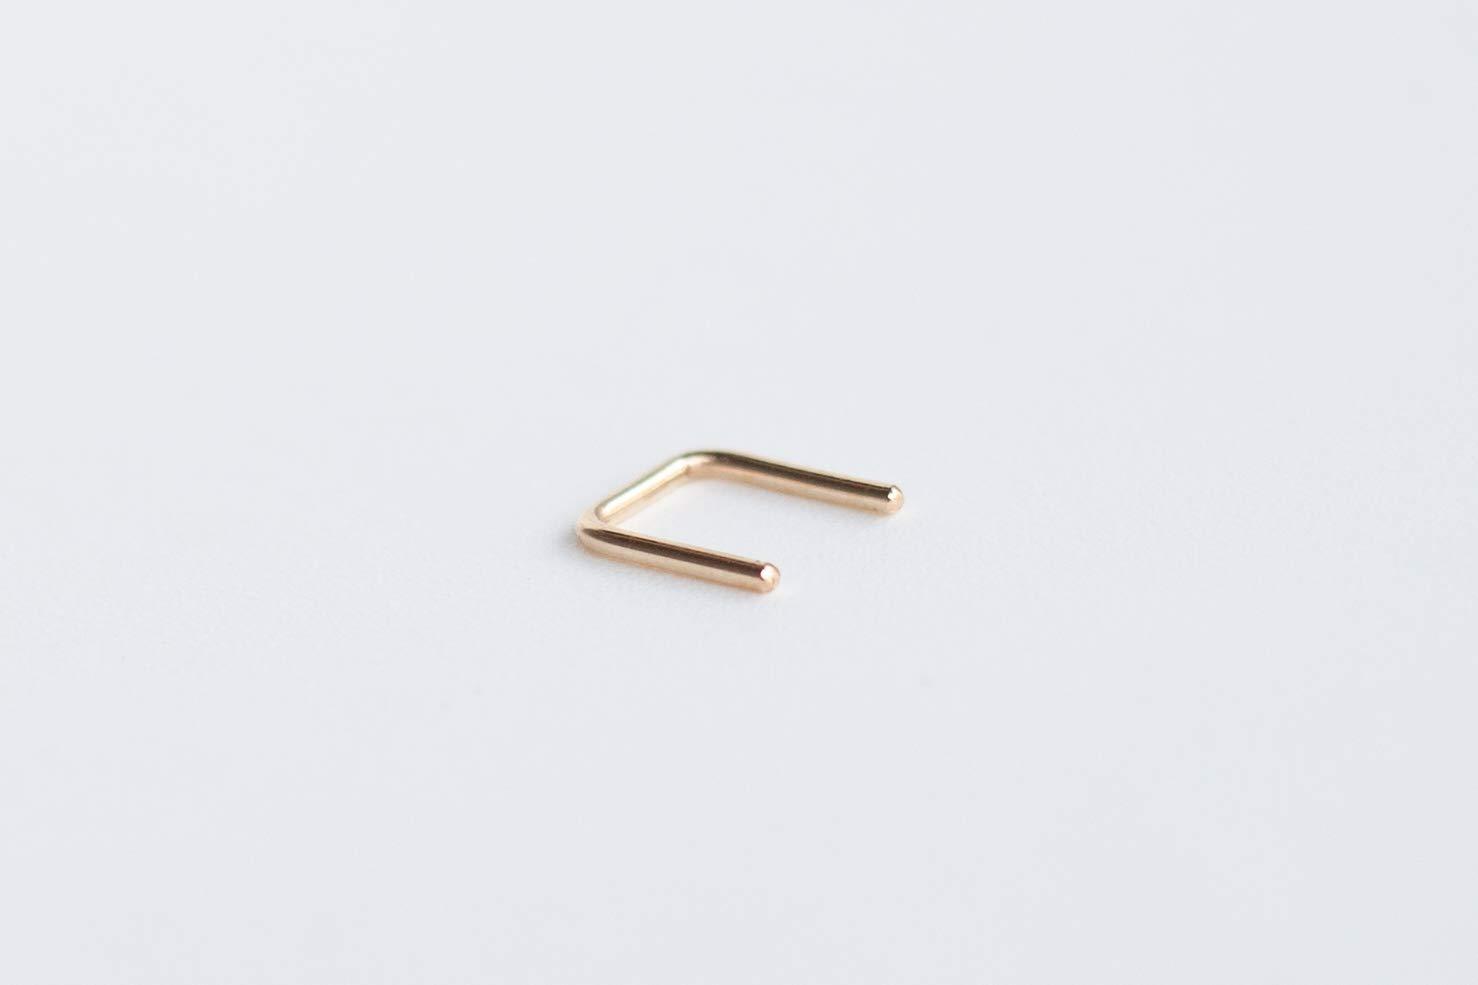 16g Gold Filled 14k Septum Staple Nose Piercing 16 gauge